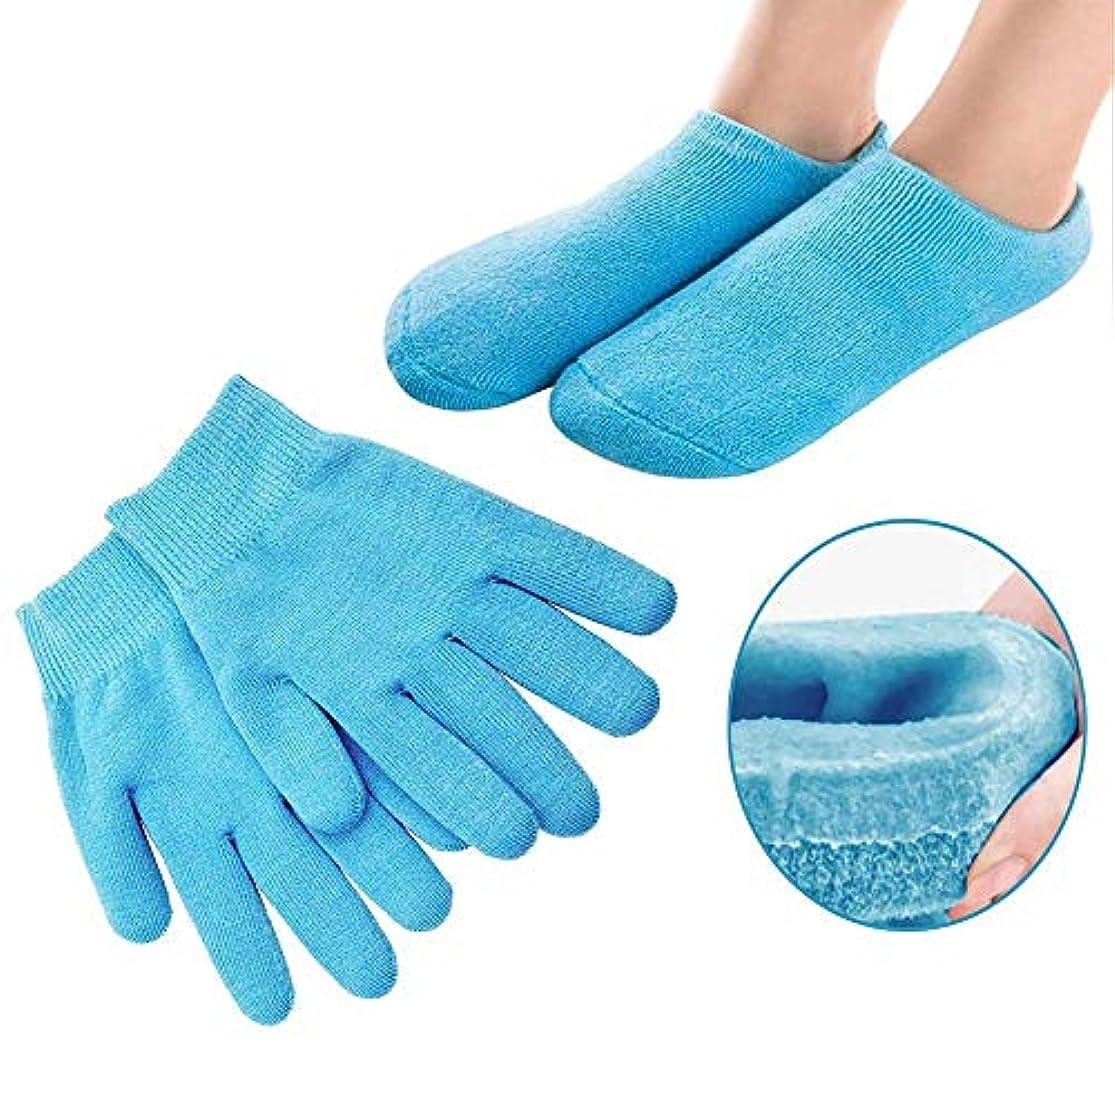 ビルダイバーキャンベラPinkiou 眠る森のSPAジェルグローブ+SPAジェルソックス 手アグローブ フットケアソックス 角質取り 保湿 かかとケア オープントゥ 素肌美人 靴下と手袋セット いいお肌になりましょう(ブルー)